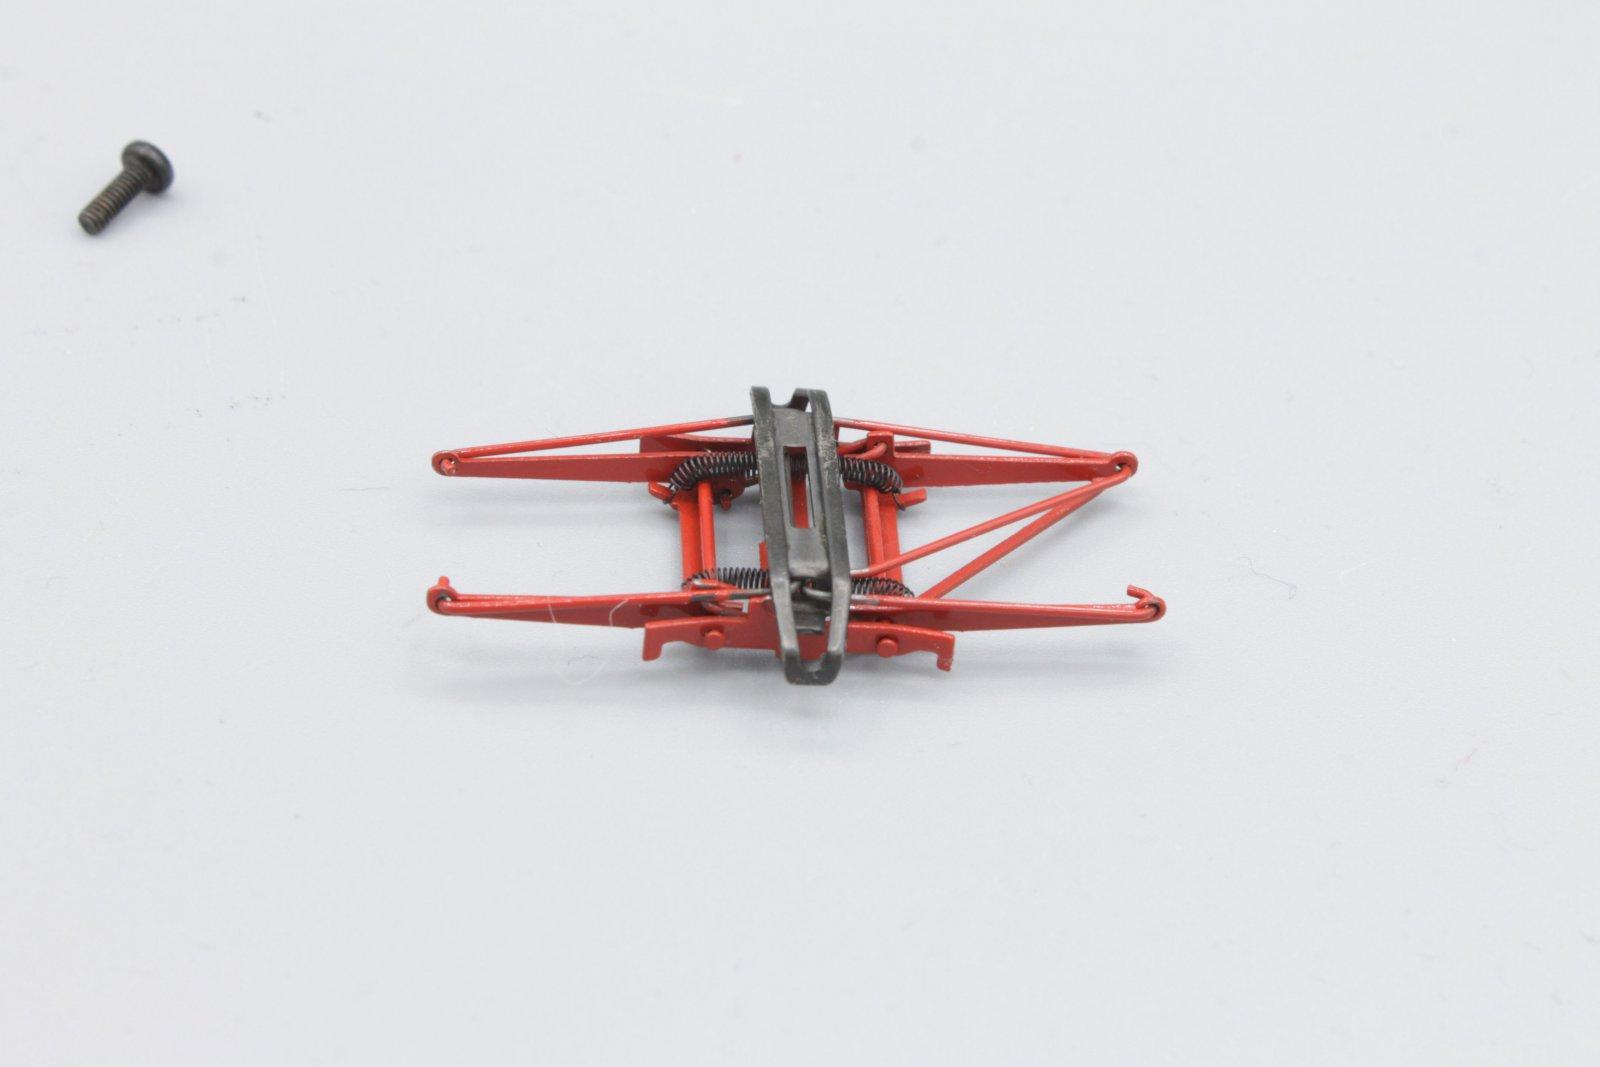 Ersatzteil Roco Stromabnehmer DBS 54 rot für BR 110, 111, 140, 141, 150,151 (2)